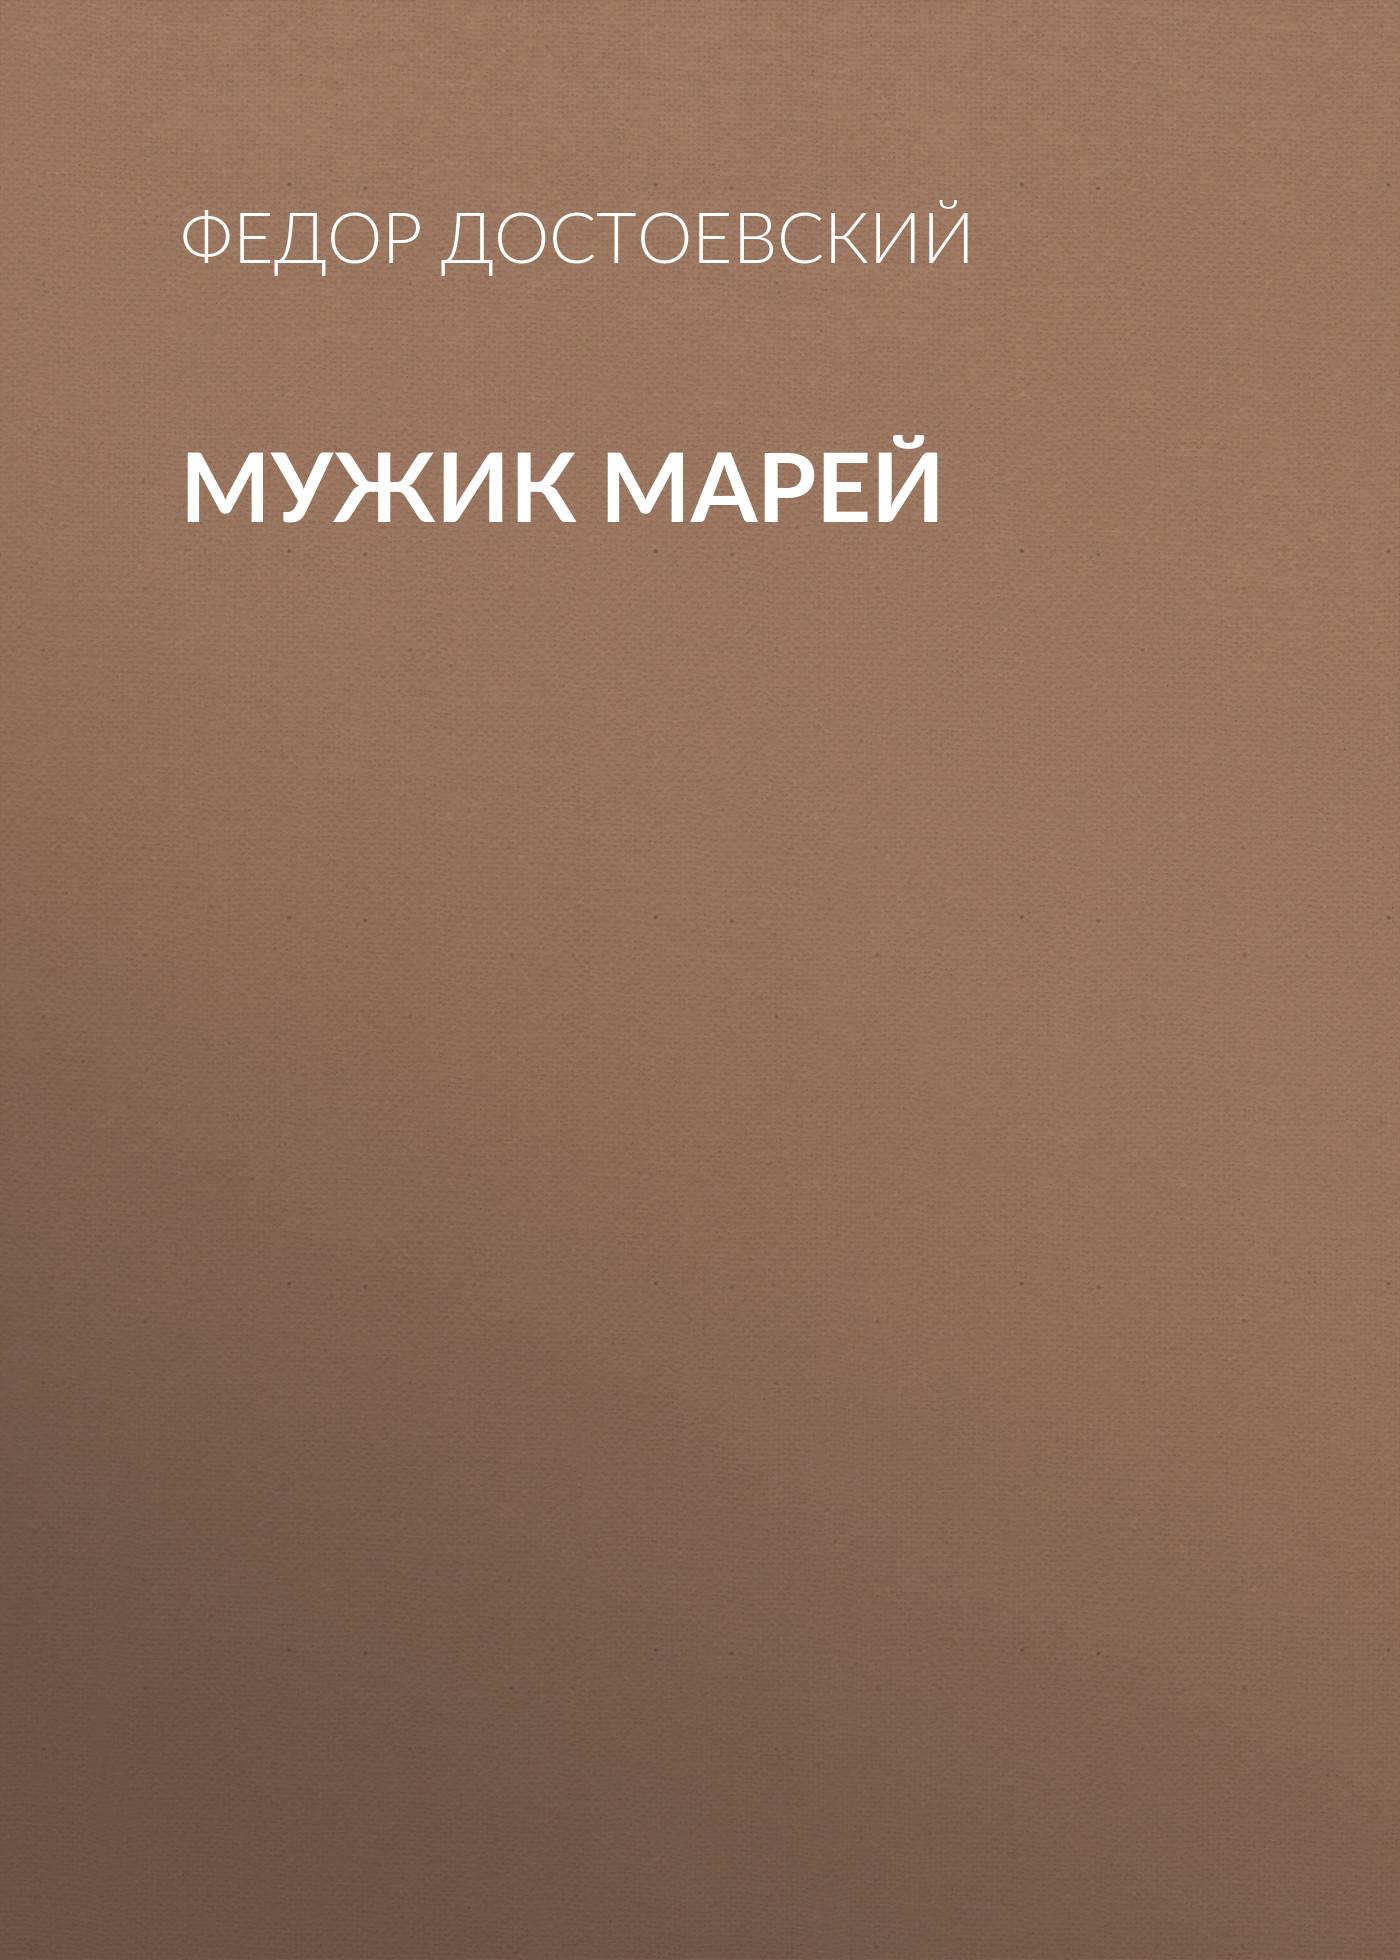 Федор Достоевский Мужик Марей федор достоевский достоевский без глянца isbn 978 5 367 00553 0